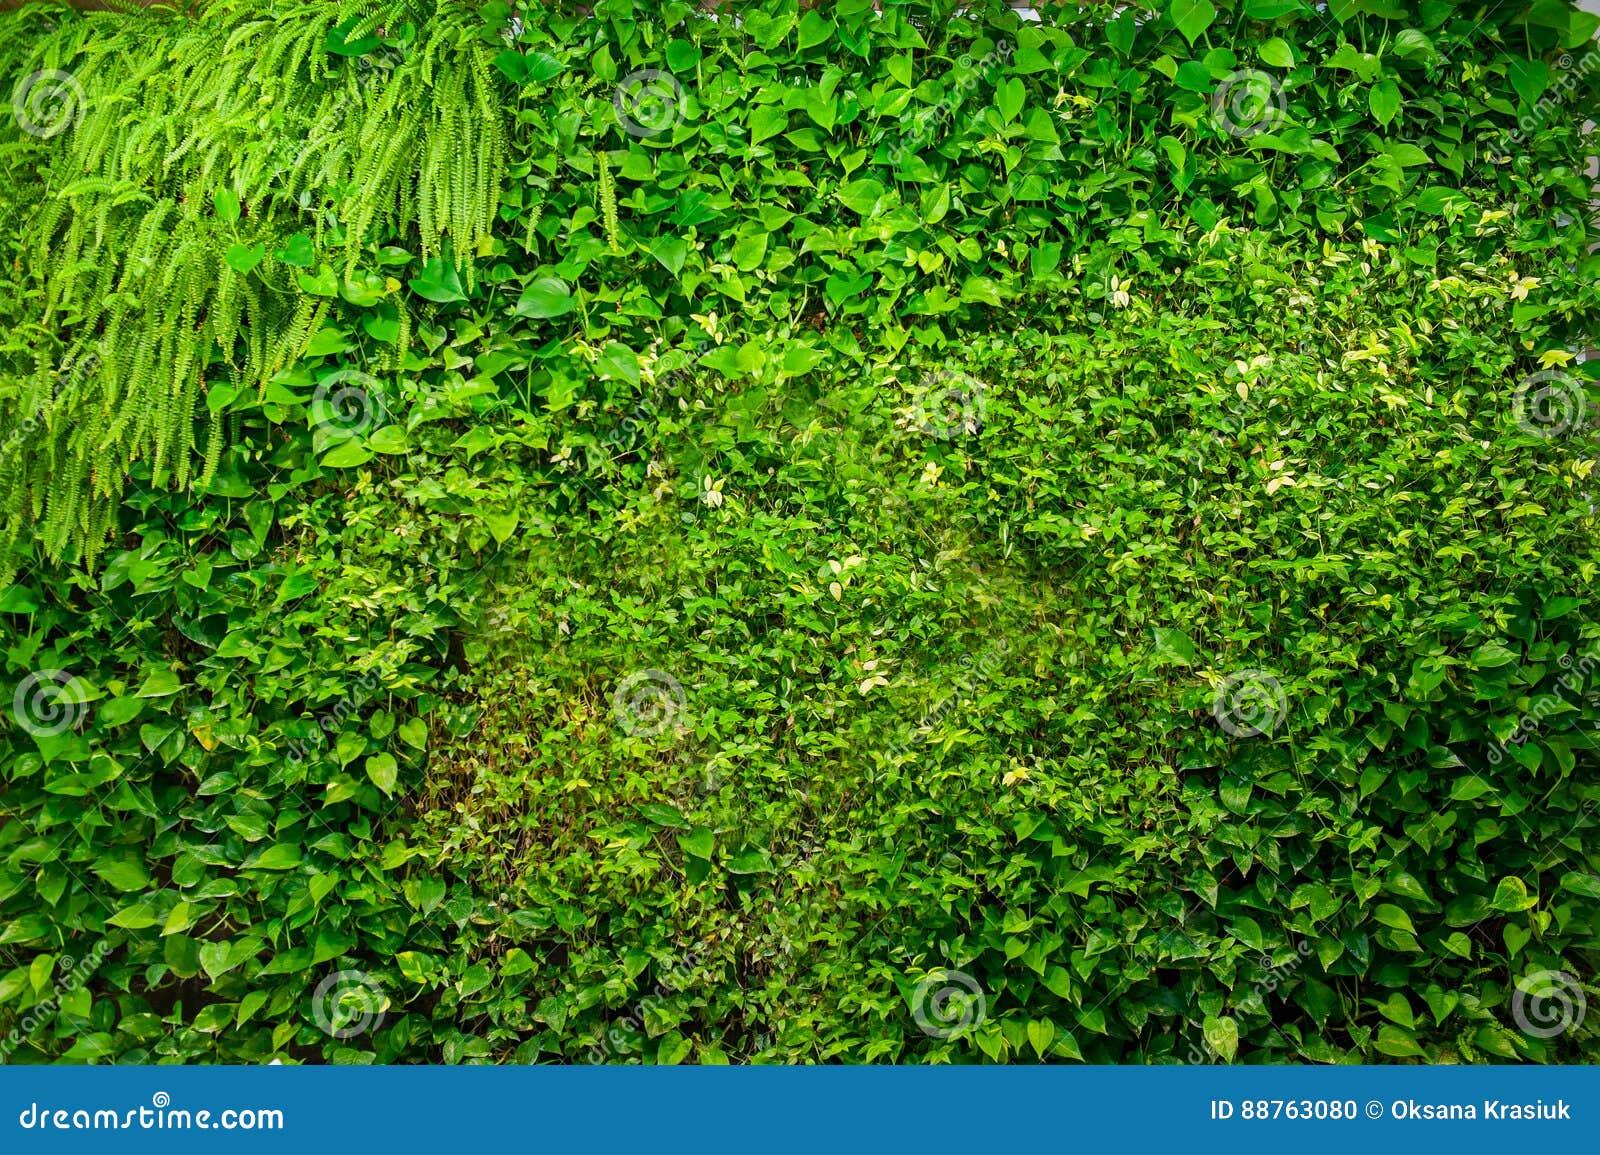 Außergewöhnlich Grüne Pflanzen Beste Wahl Pattern Grüne Wand Von Verschiedenen Laubwechselnden In